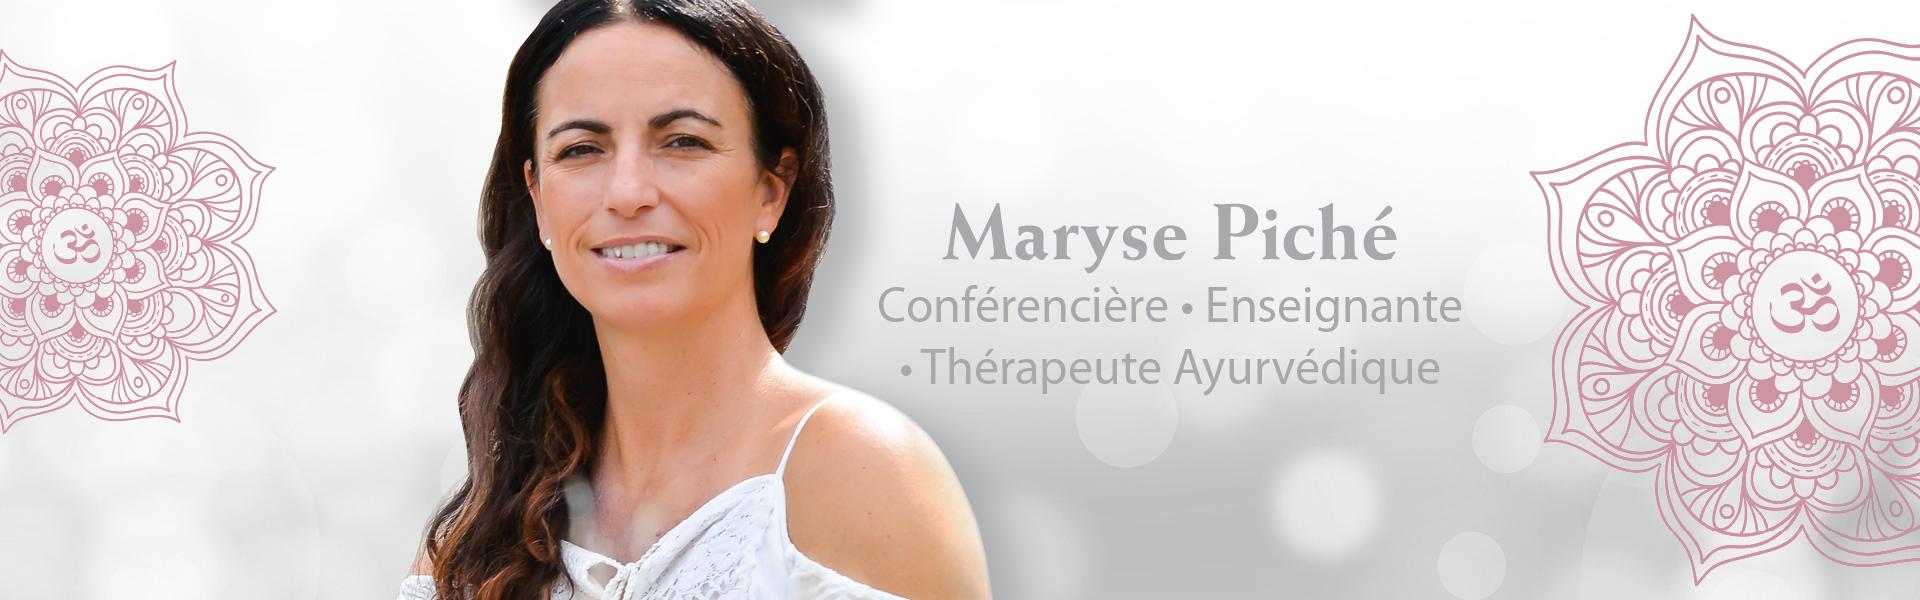 maryse-piche